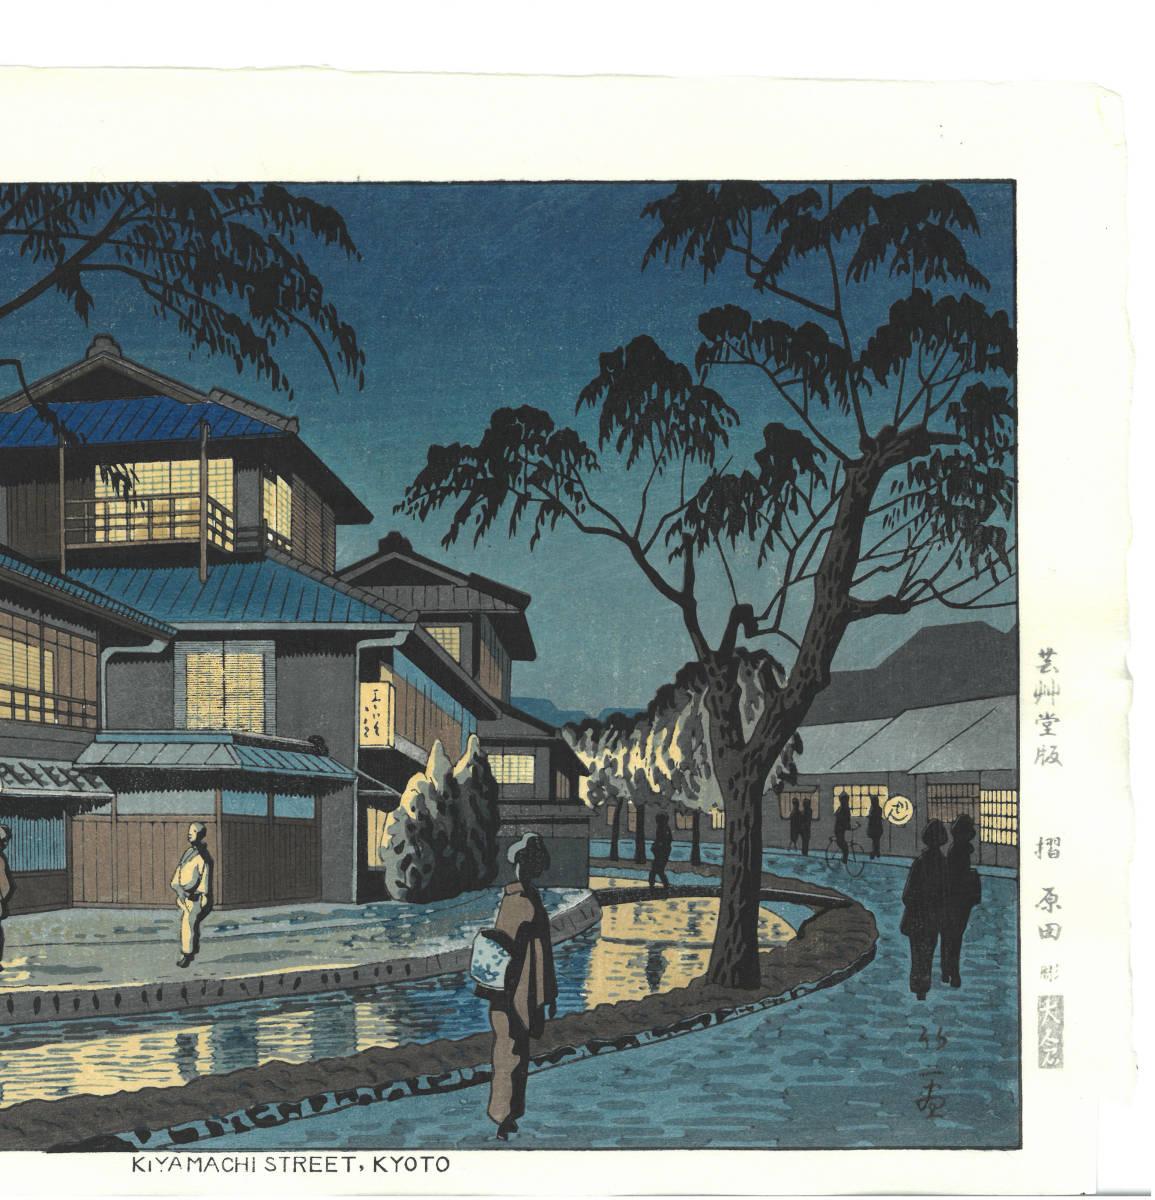 浅野竹二 (Asano Takeji) 木版画 TA18 木屋町 新版画 初版昭和20年頃 京都の一流の摺師の技をご堪能下さい!!_画像5